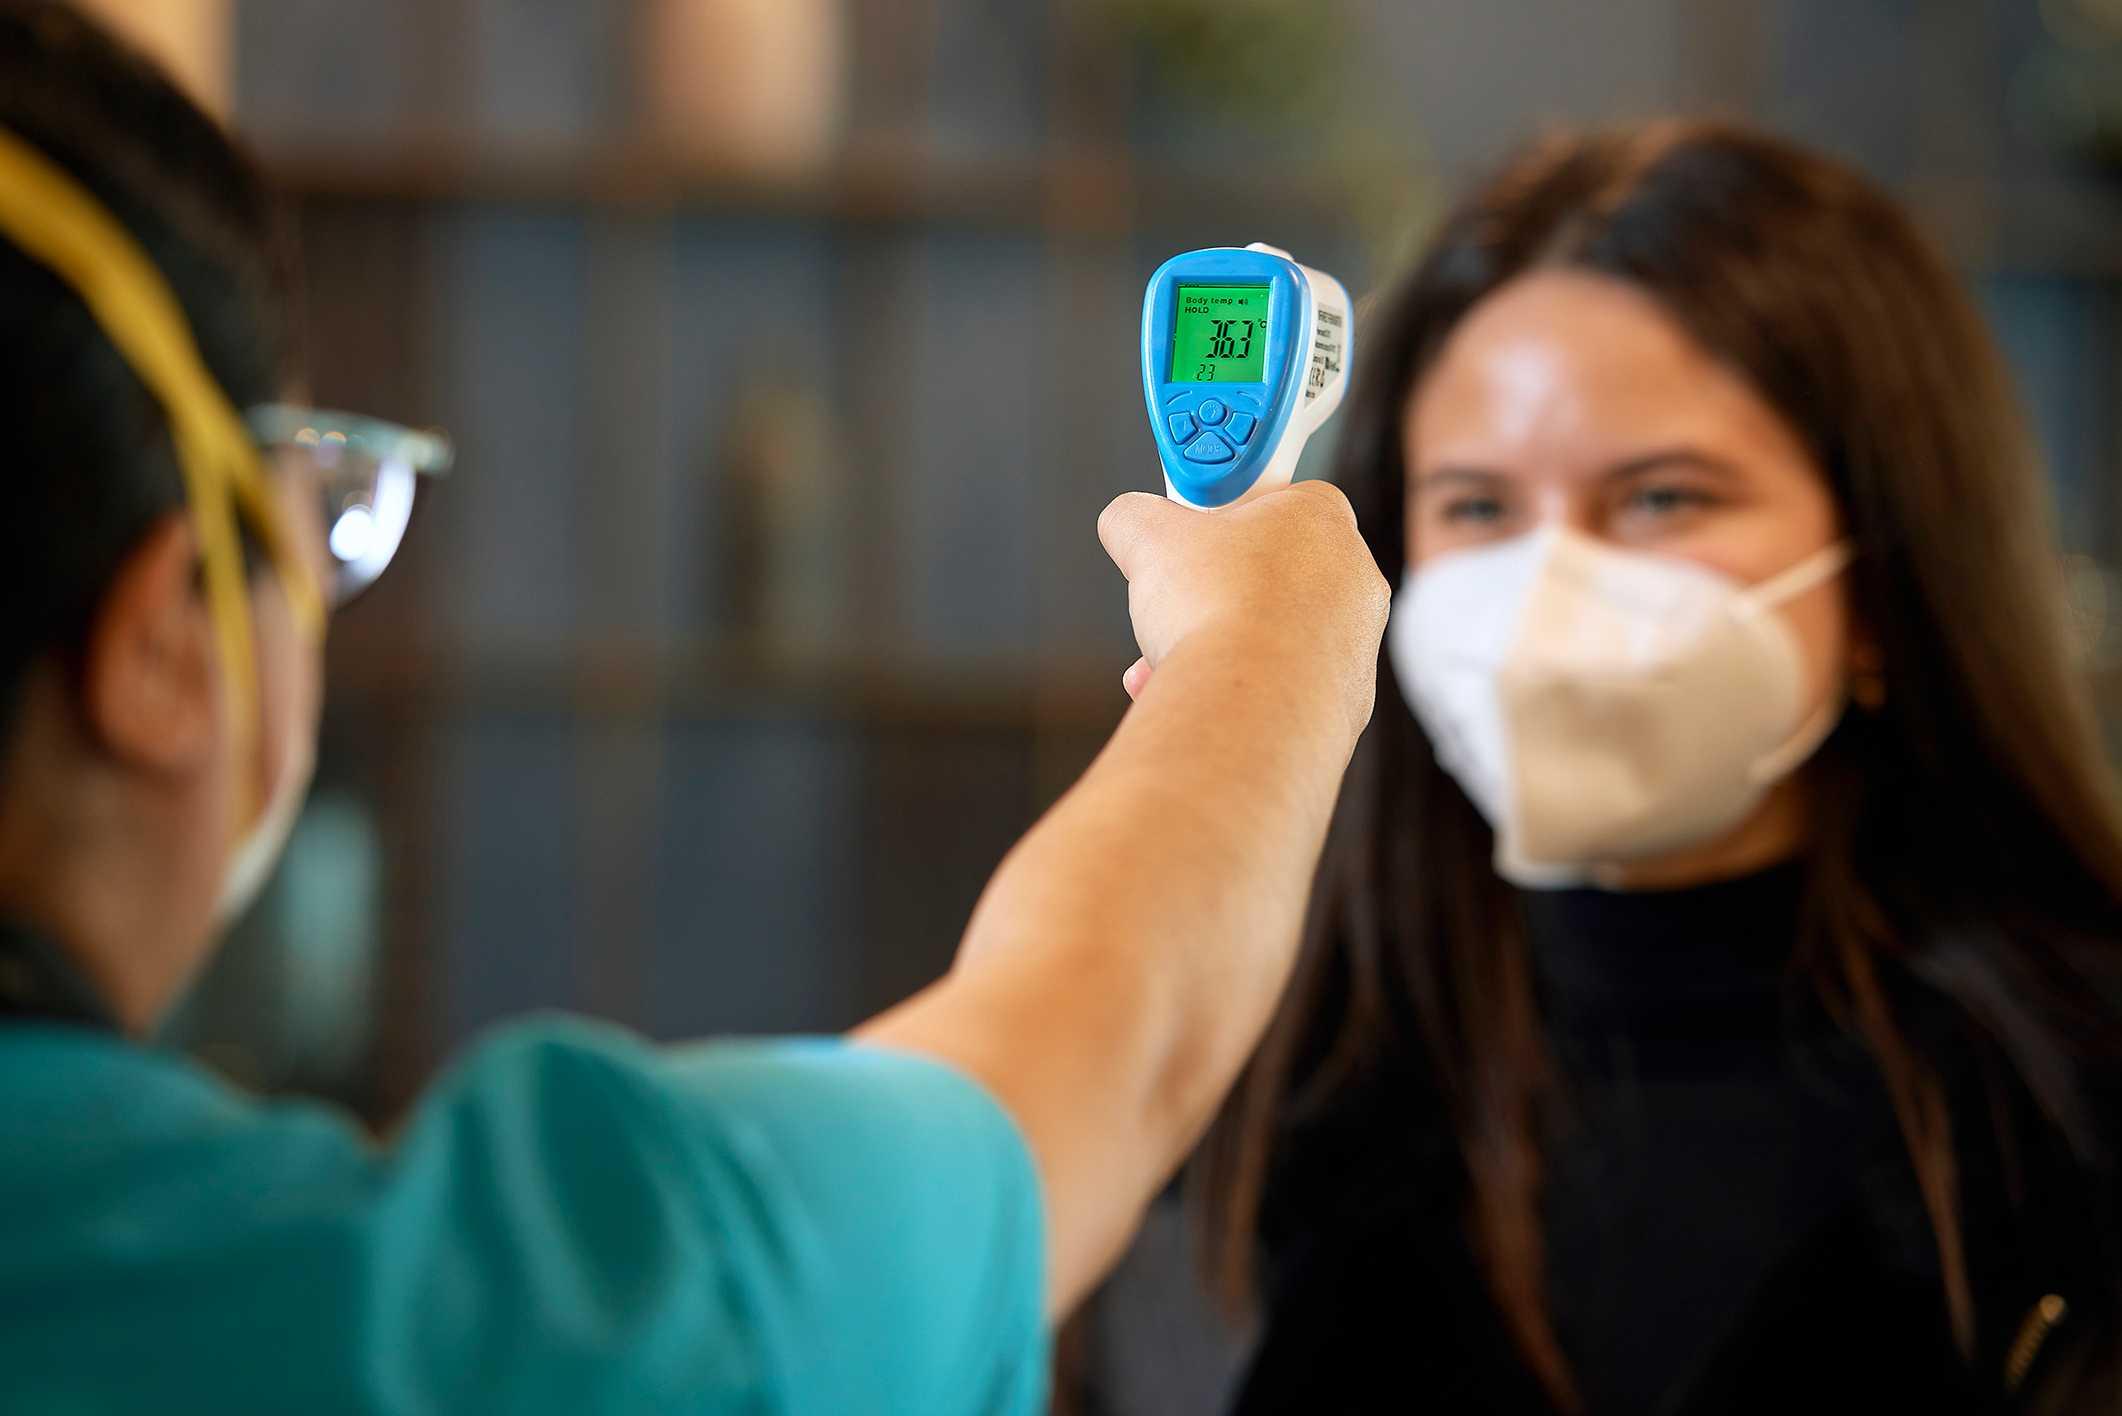 enfermera tomando la temperatura de un visitante